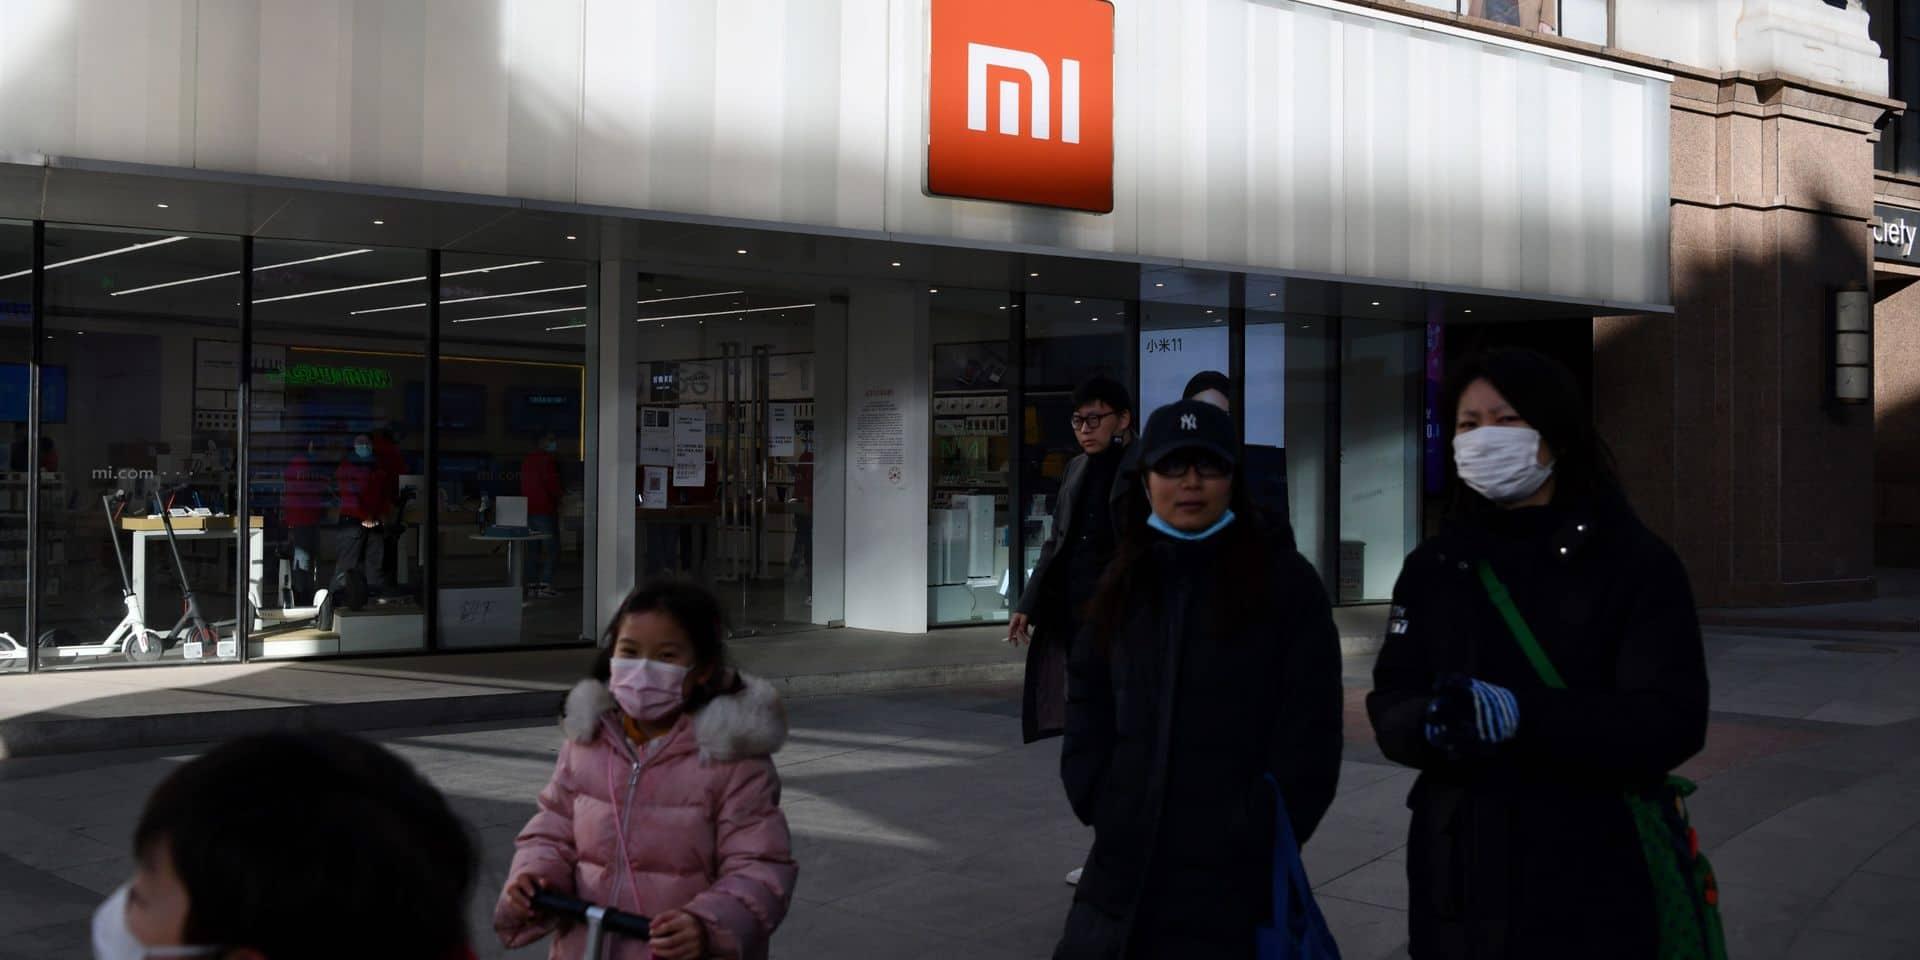 Le géant chinois Xiaomi veut faire annuler son placement sur liste noire aux Etats-Unis